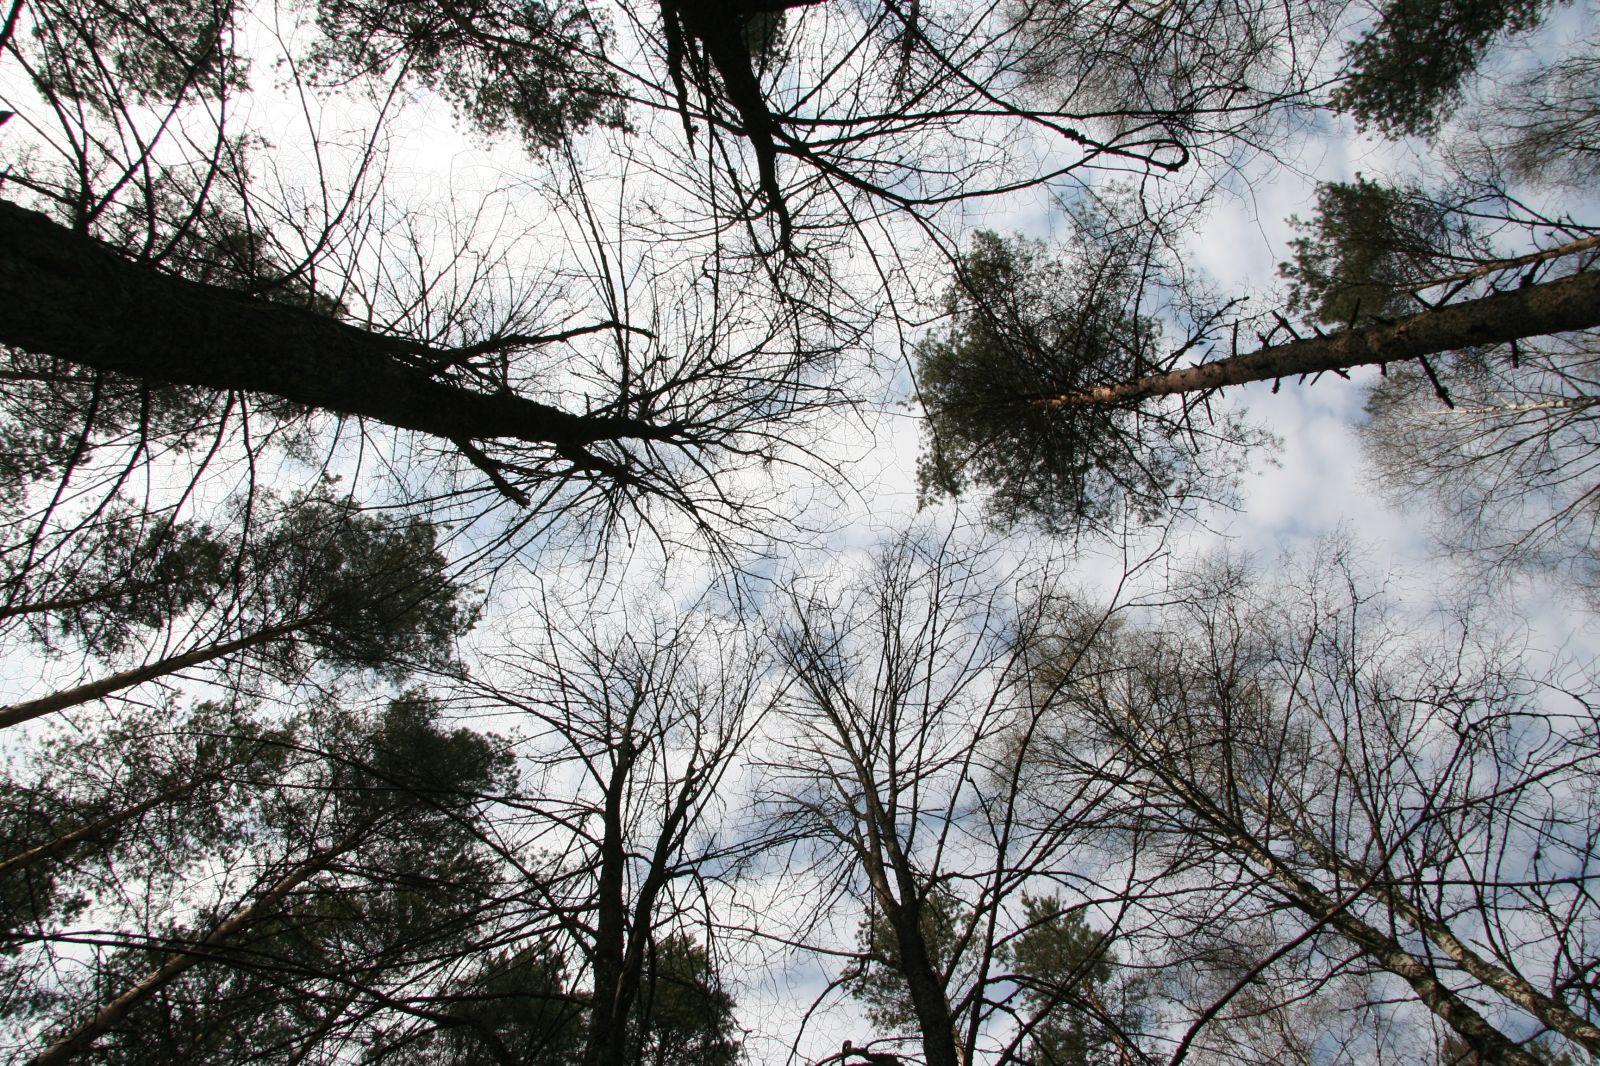 Hiiepuud